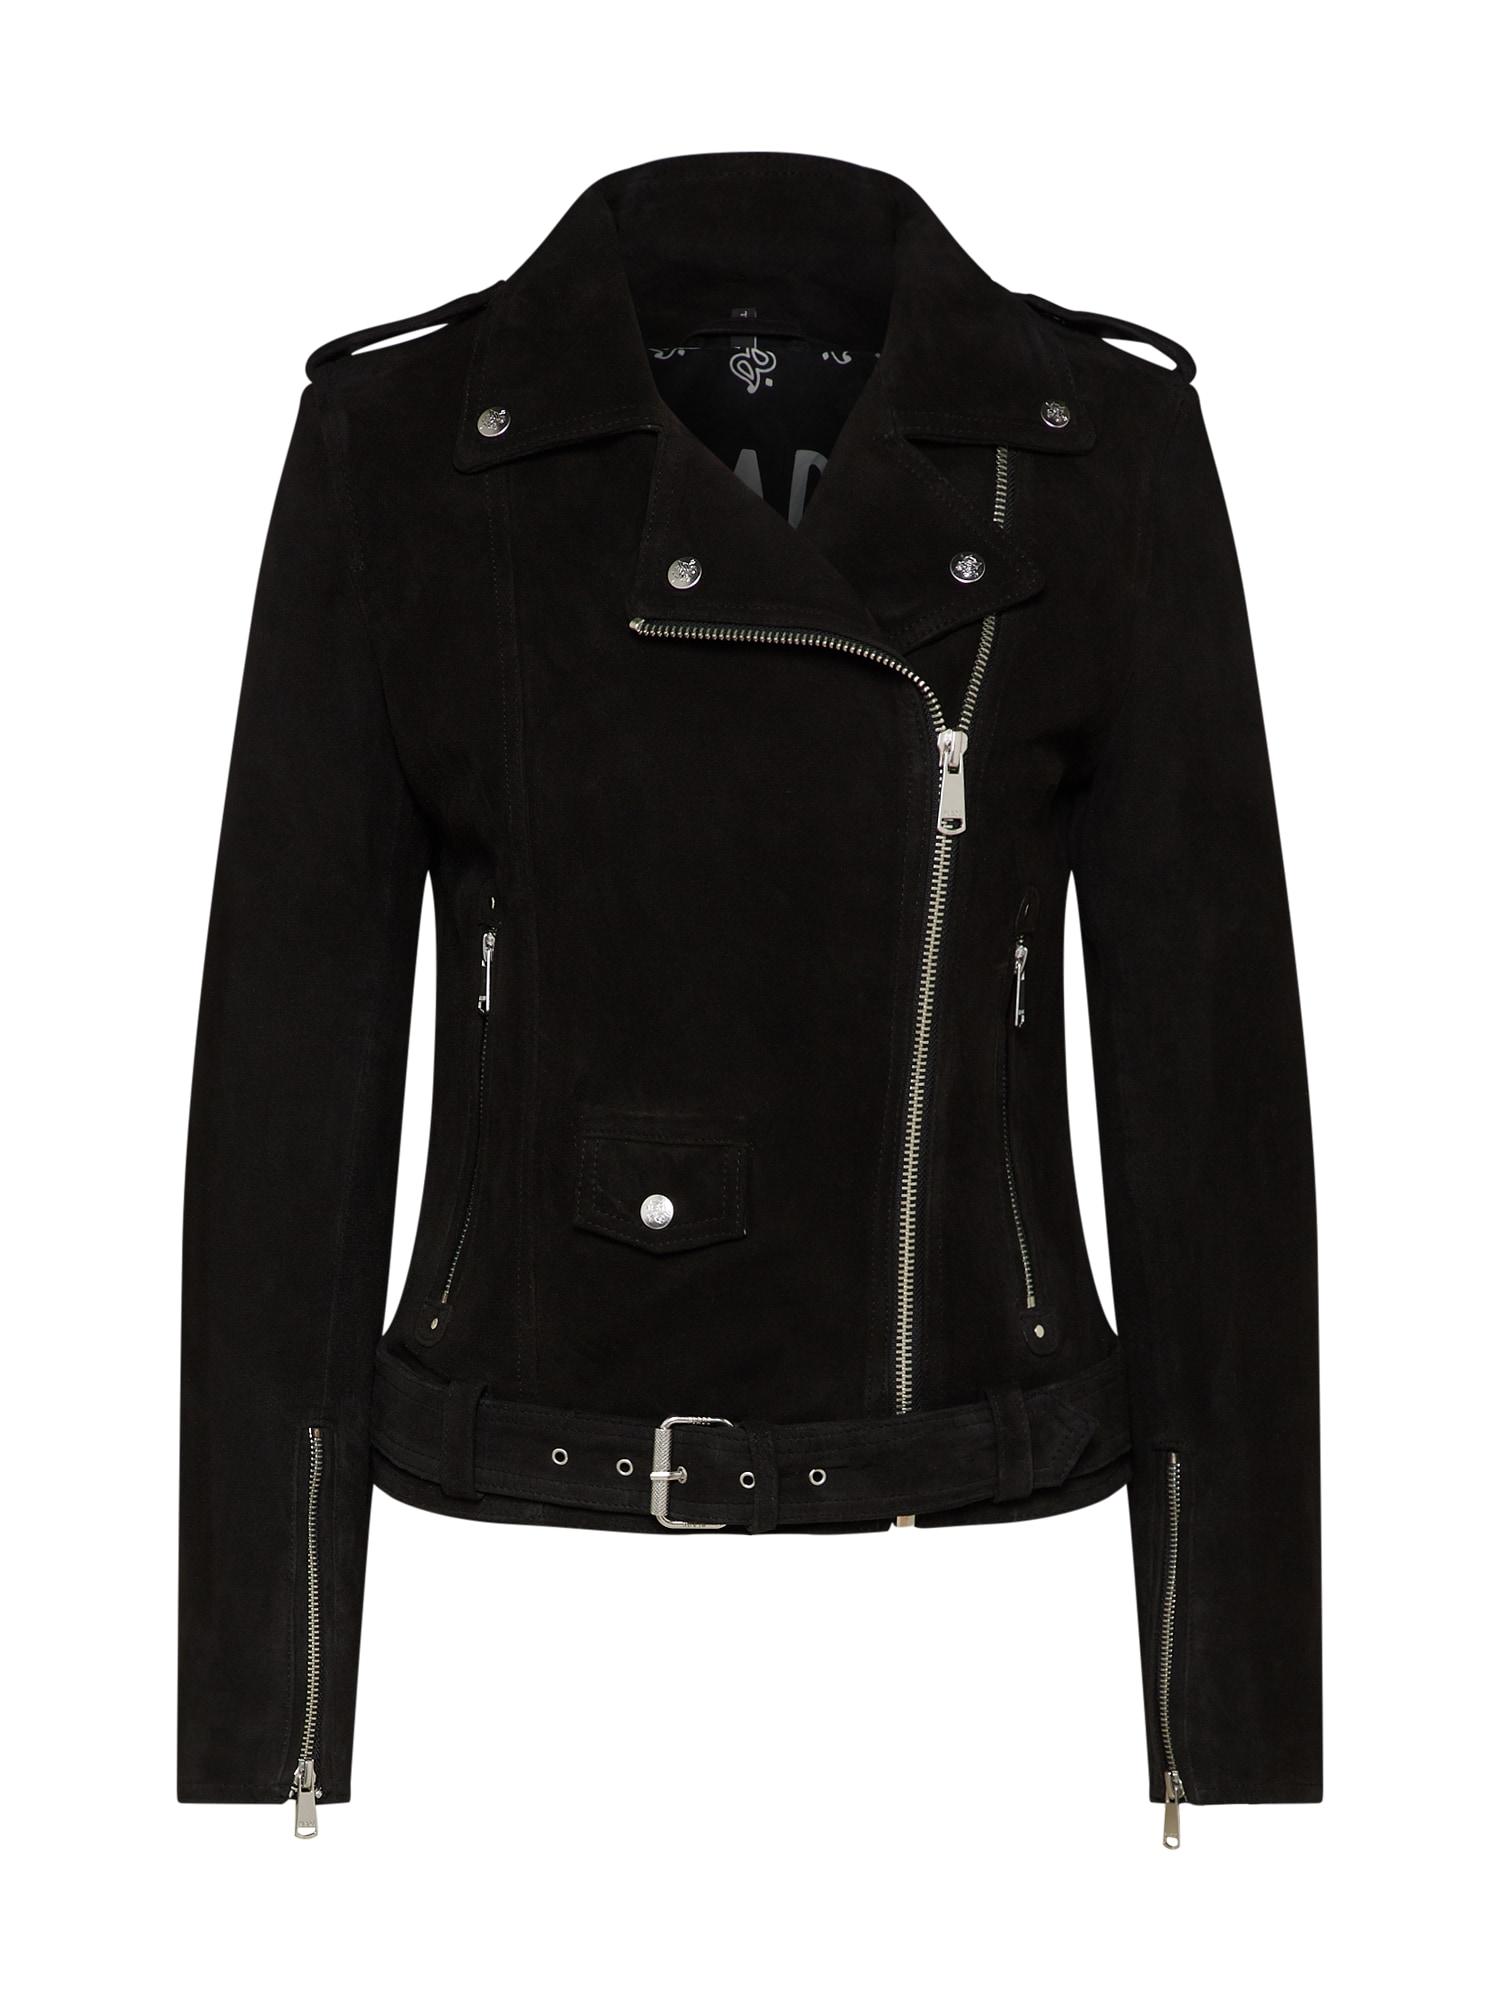 Přechodná bunda Diane Biber černá #LADC